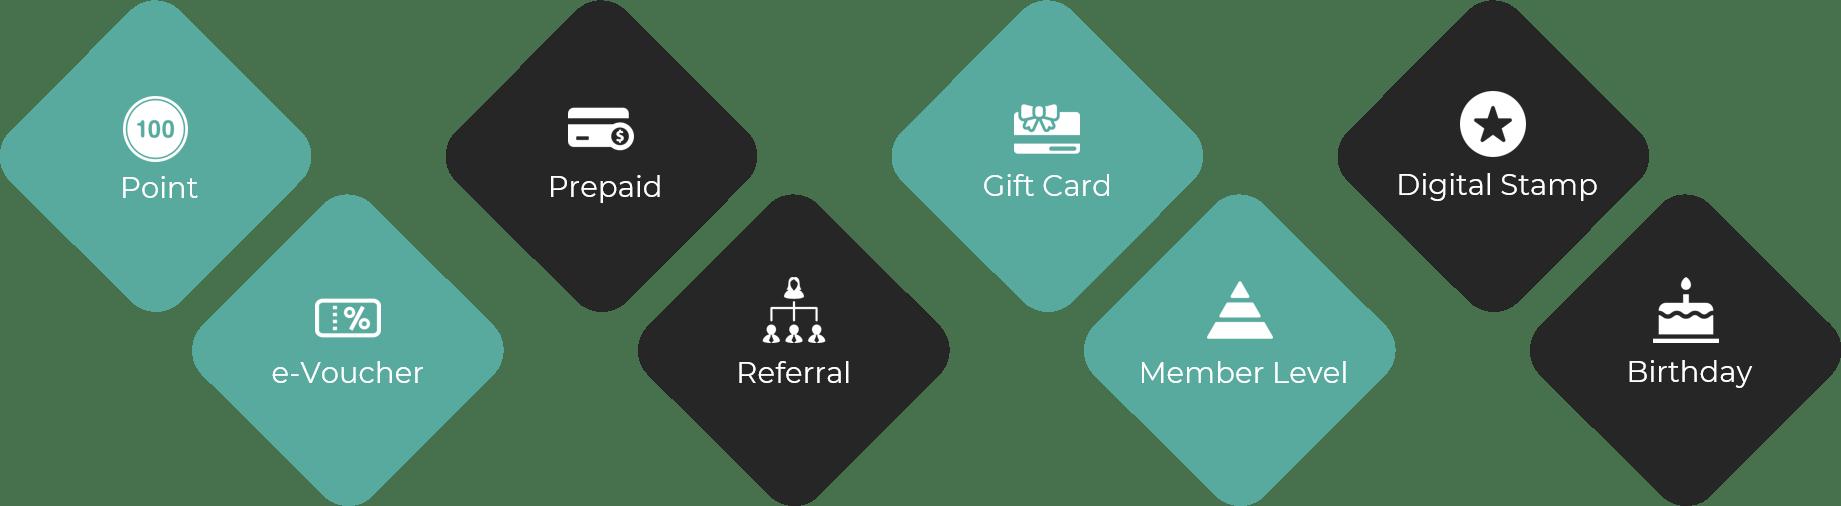 incard membership